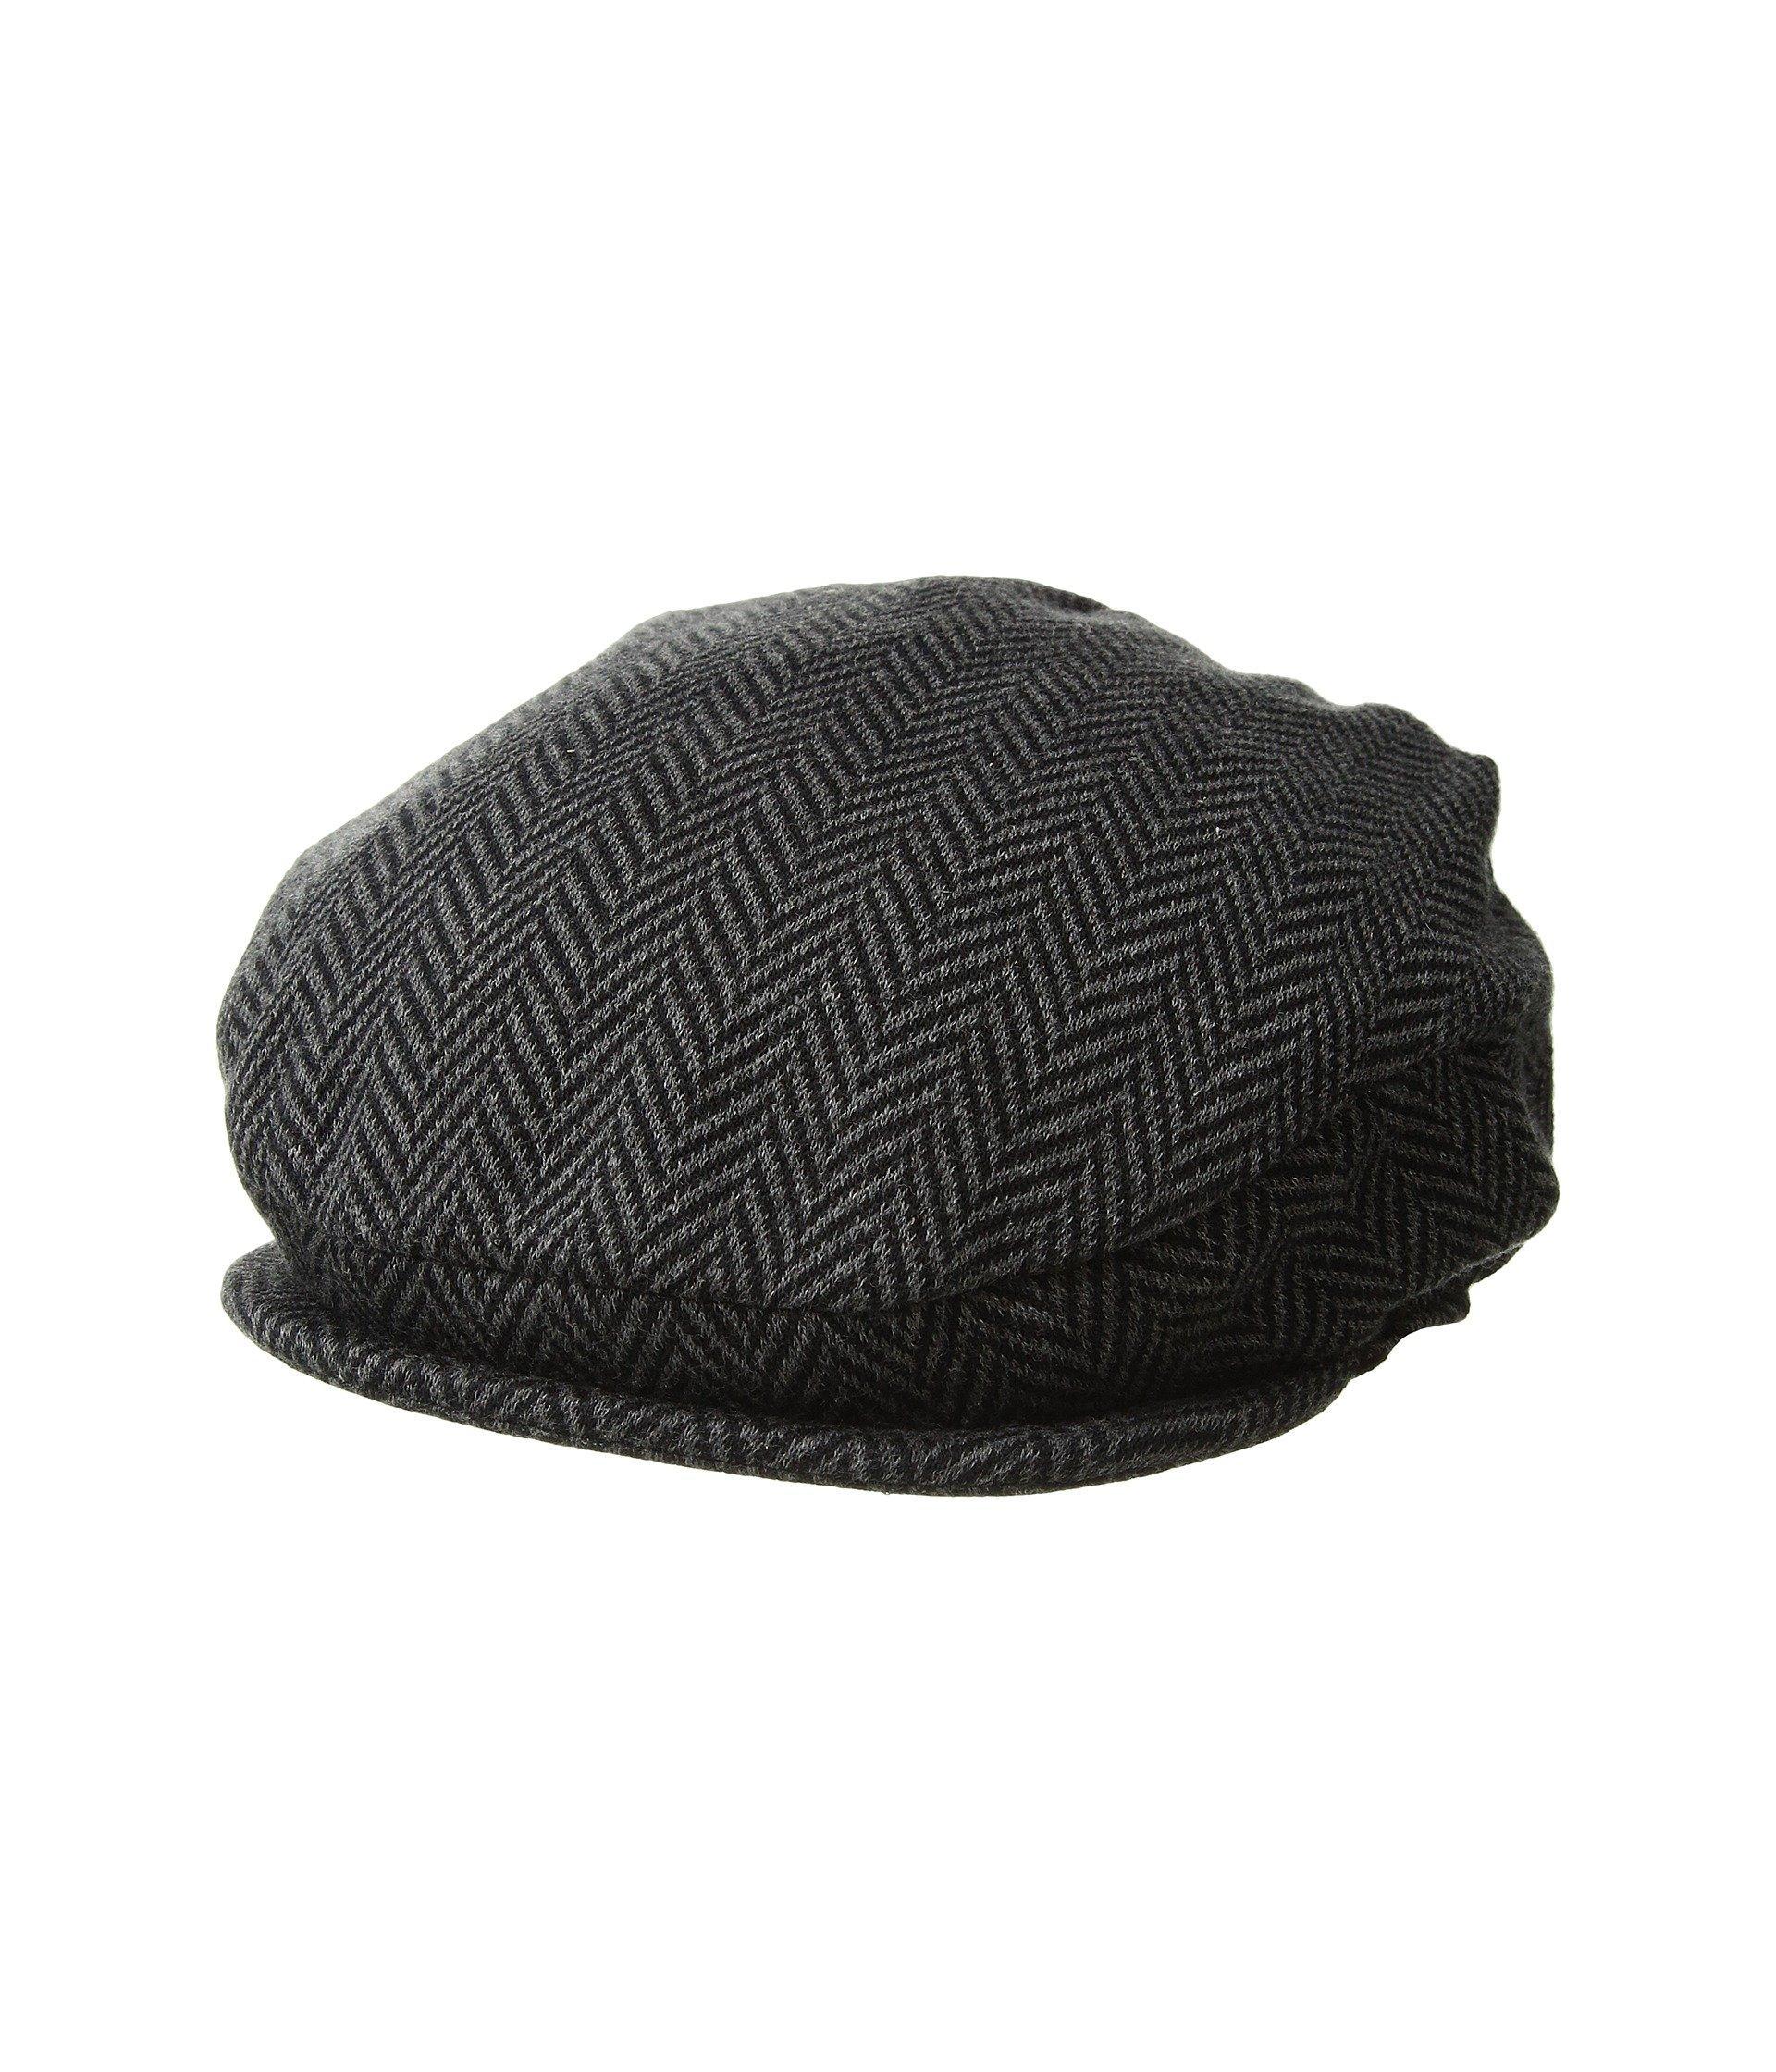 3d4d71a4f0e19 Polo Ralph Lauren Herringbone Driver Cap (camel cream) Caps in Black ...